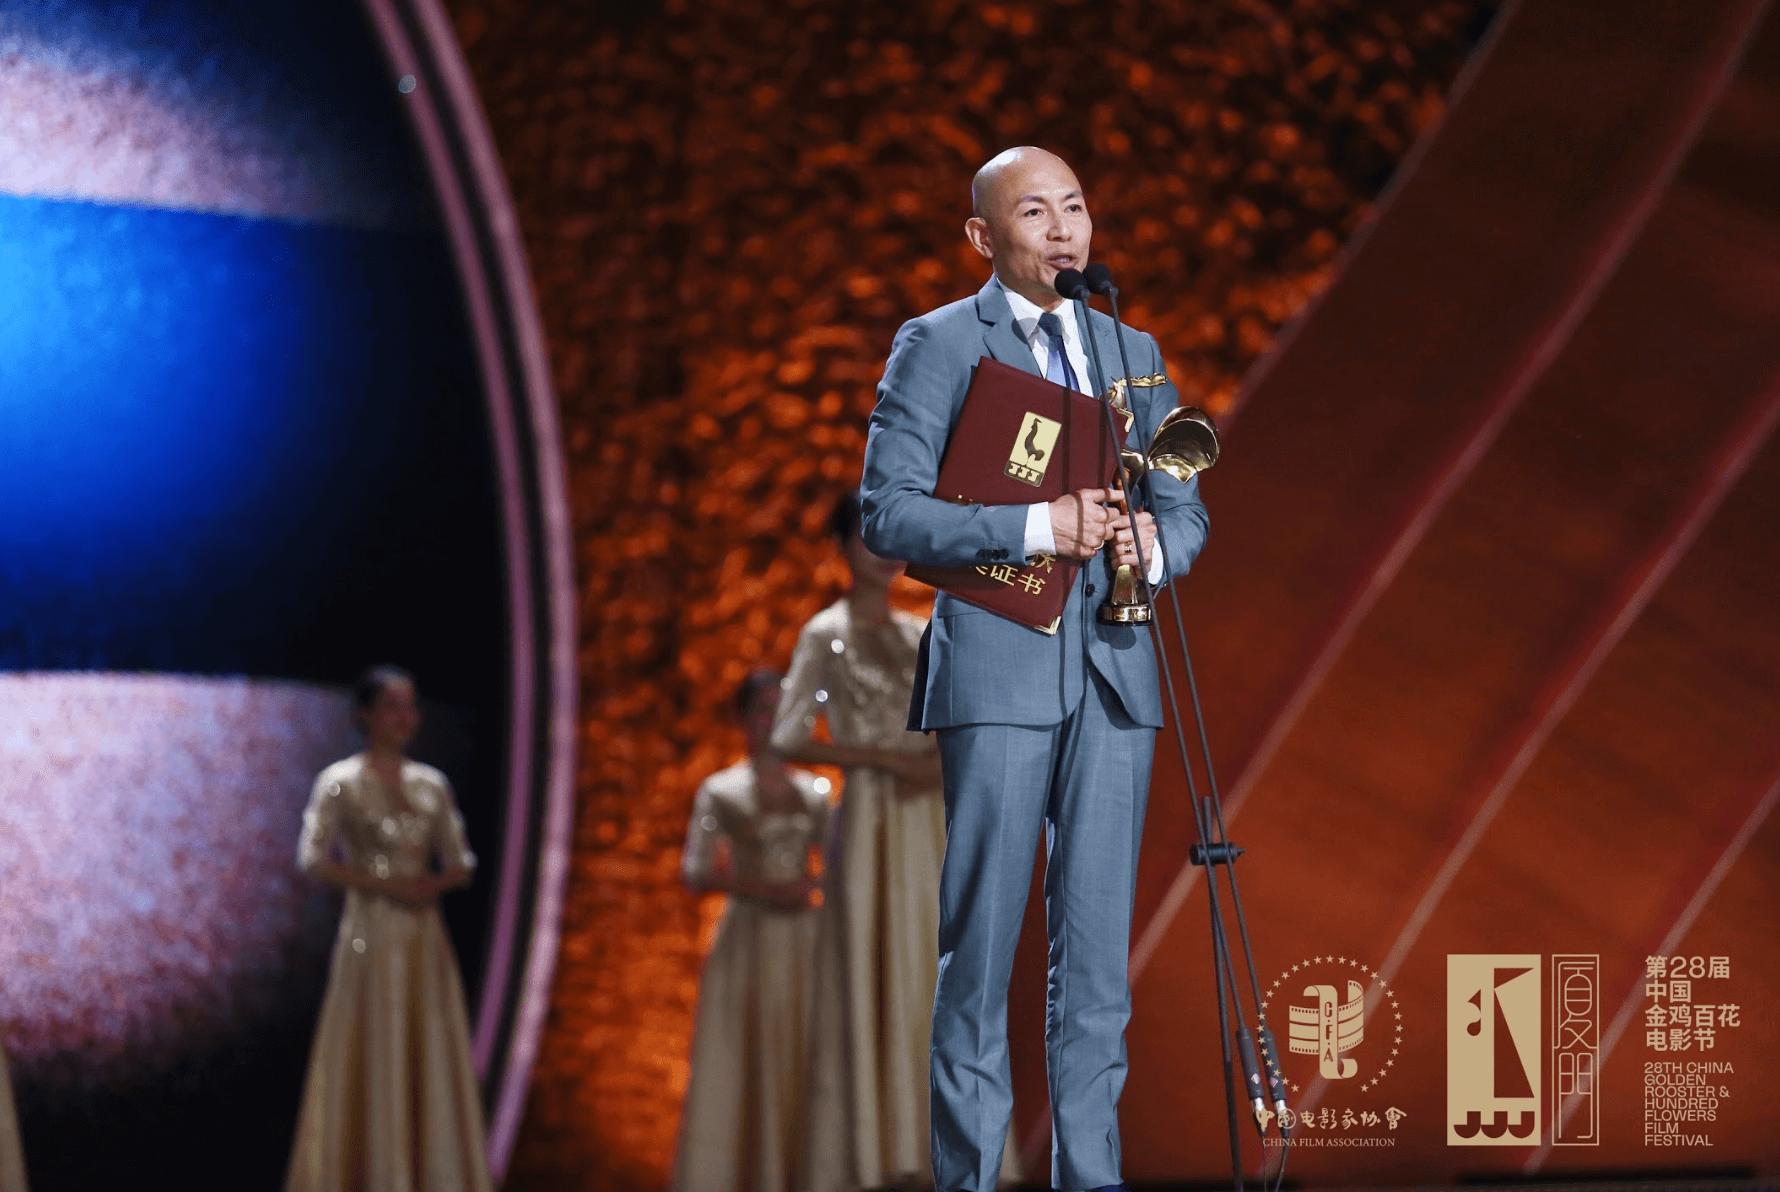 林超賢從師公徐克手上接過獎項,同時趁難得機會感謝師父陳嘉上